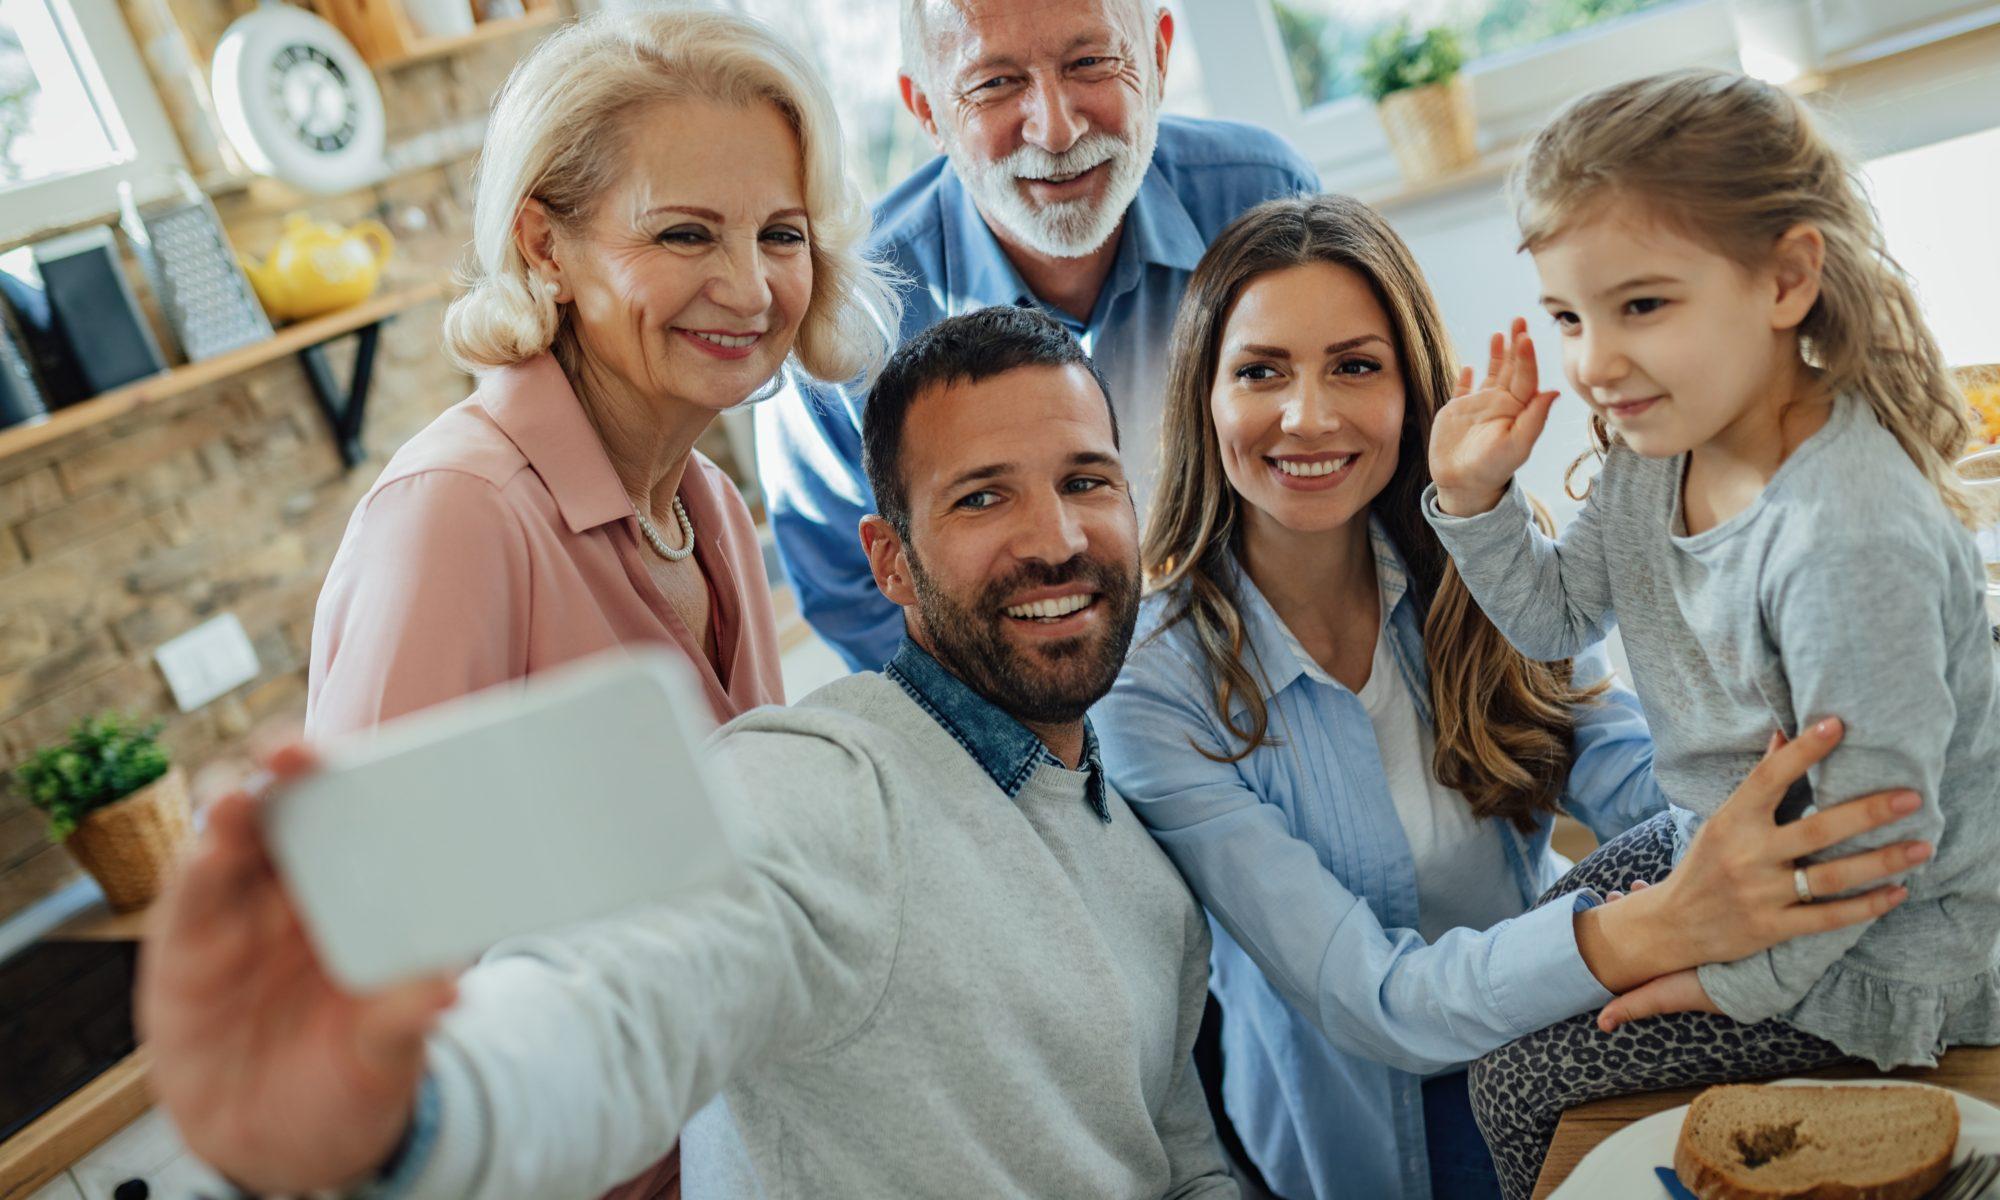 wielopokoleniowa rodzina pozuje do zdjęcia